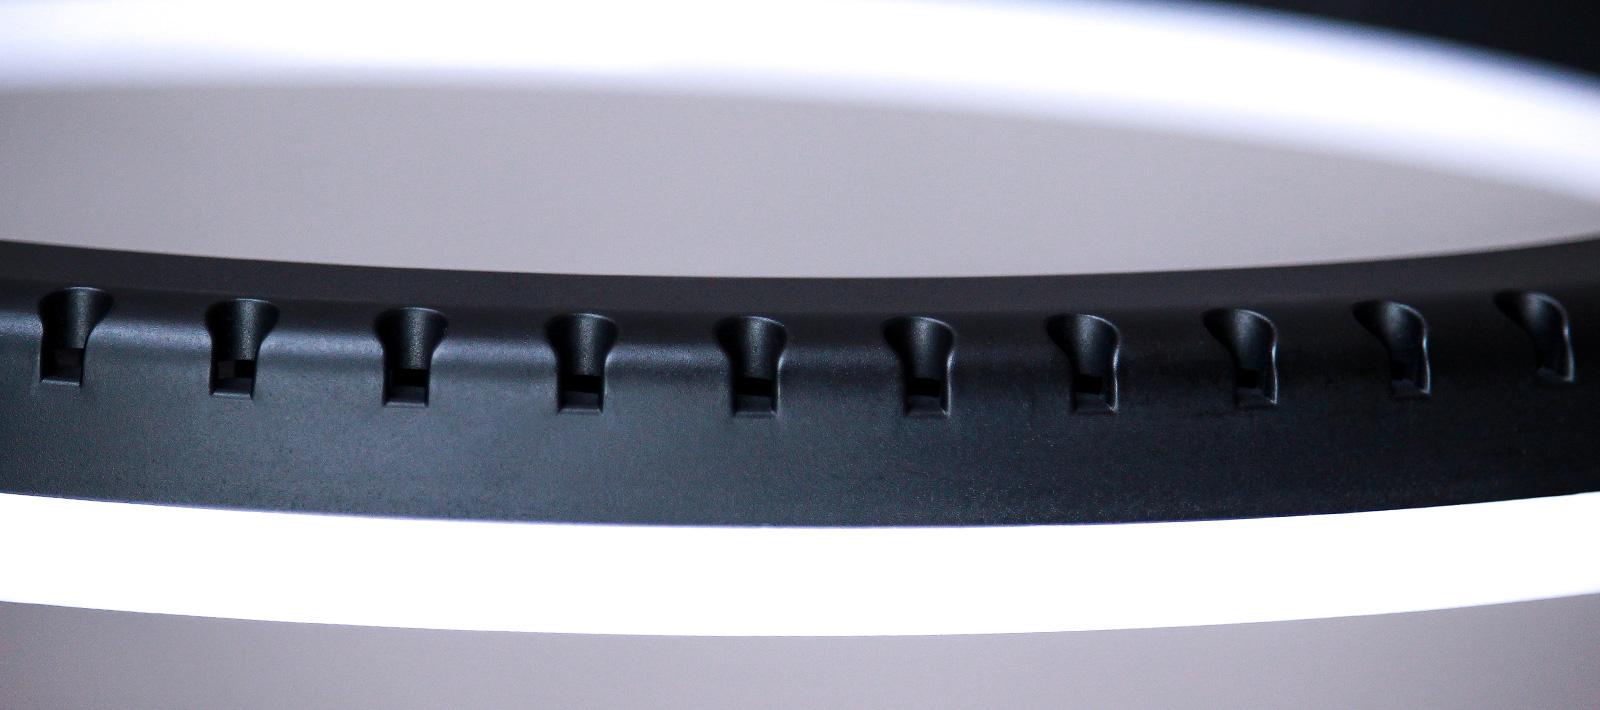 яркая кольцевая лампа 45 см для профессиональной студийной сьемки корпус